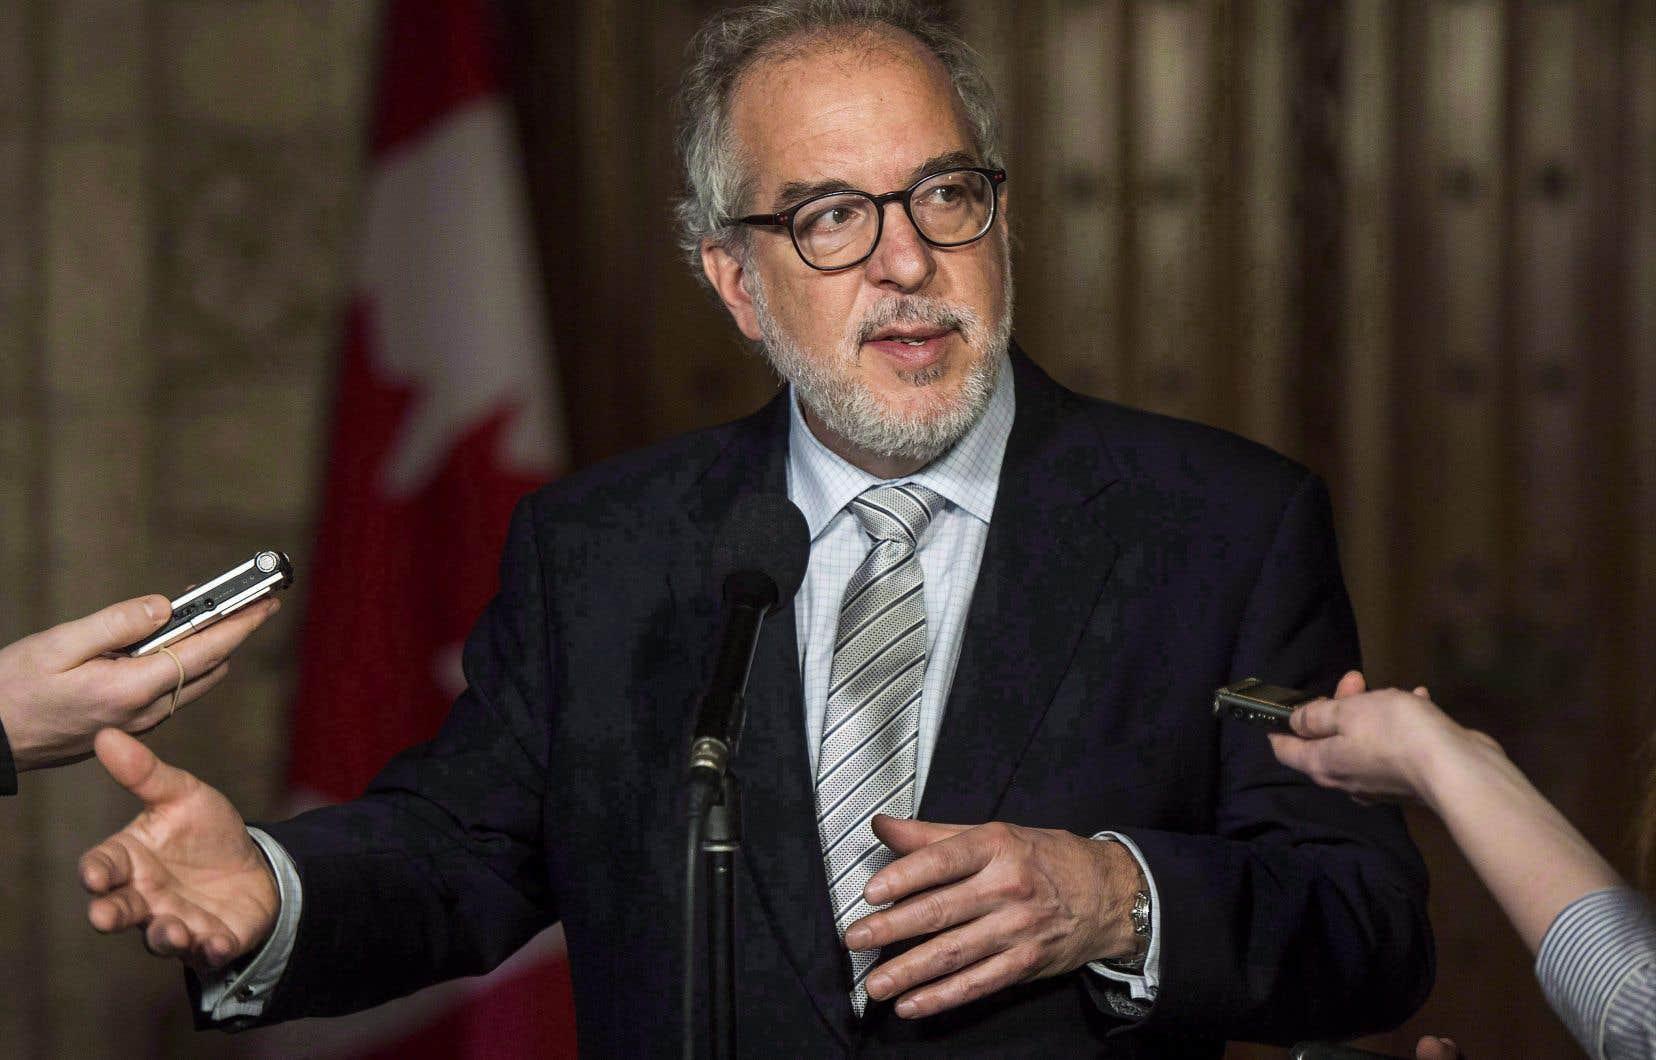 Le chef intérimaire de Québec debout, Rhéal Fortin, affirme que les orientations que Martine Ouellet a données au Bloc québécois demeurent. Et sa nouvelle formation n'en veut pas.